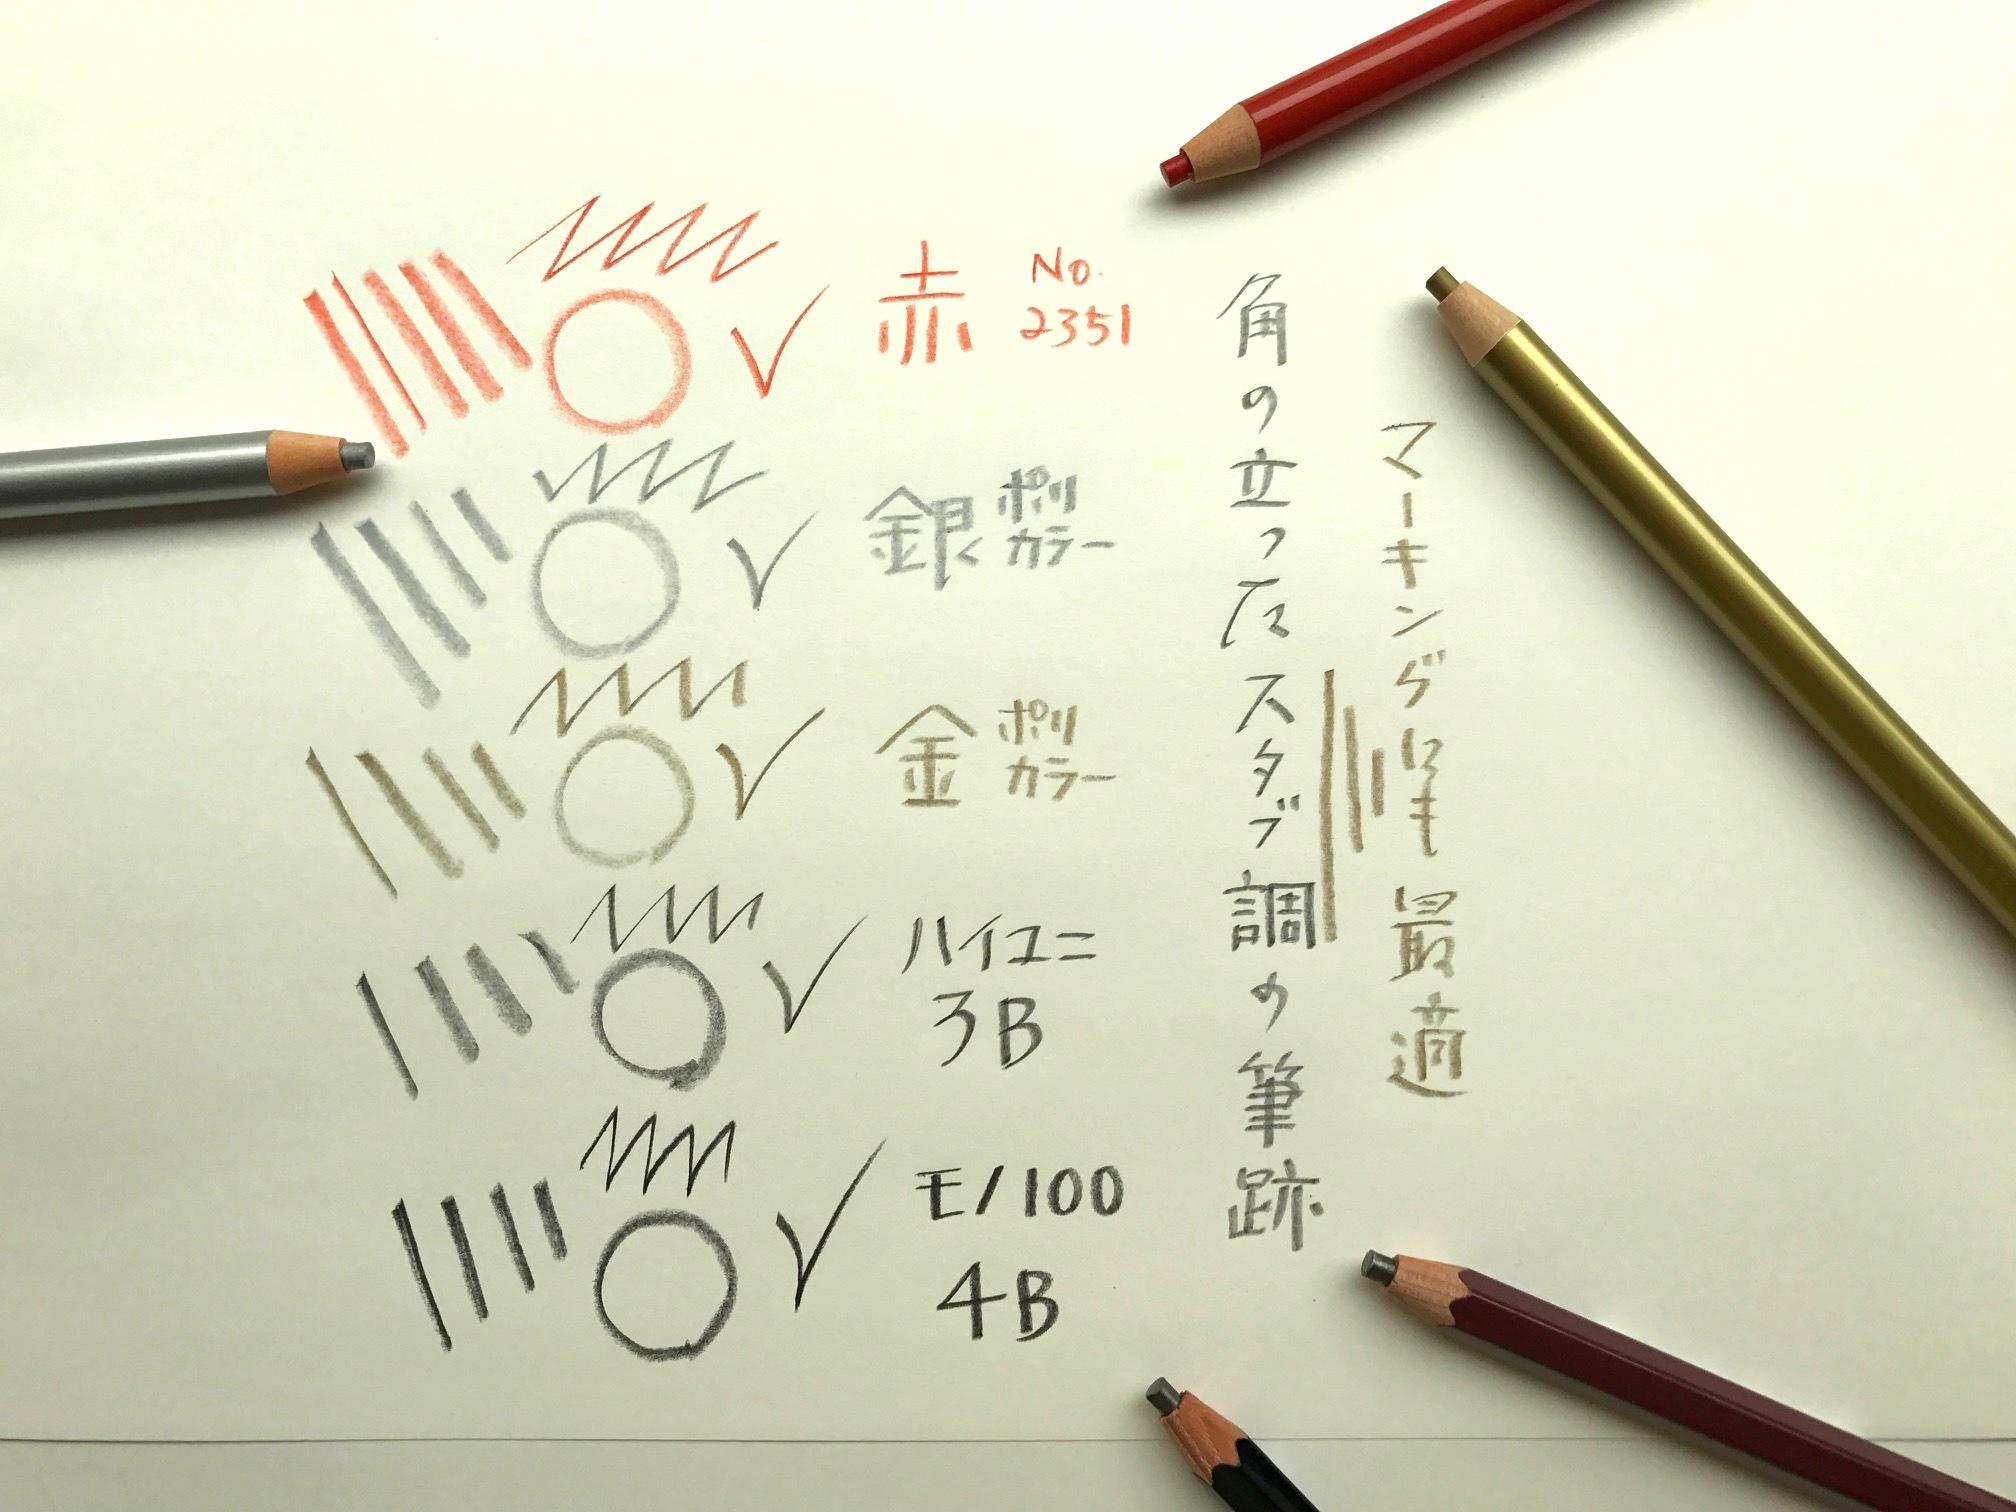 小日向京のひねもす文房具|第九十七回「カール事務器 エクスシャープナー」